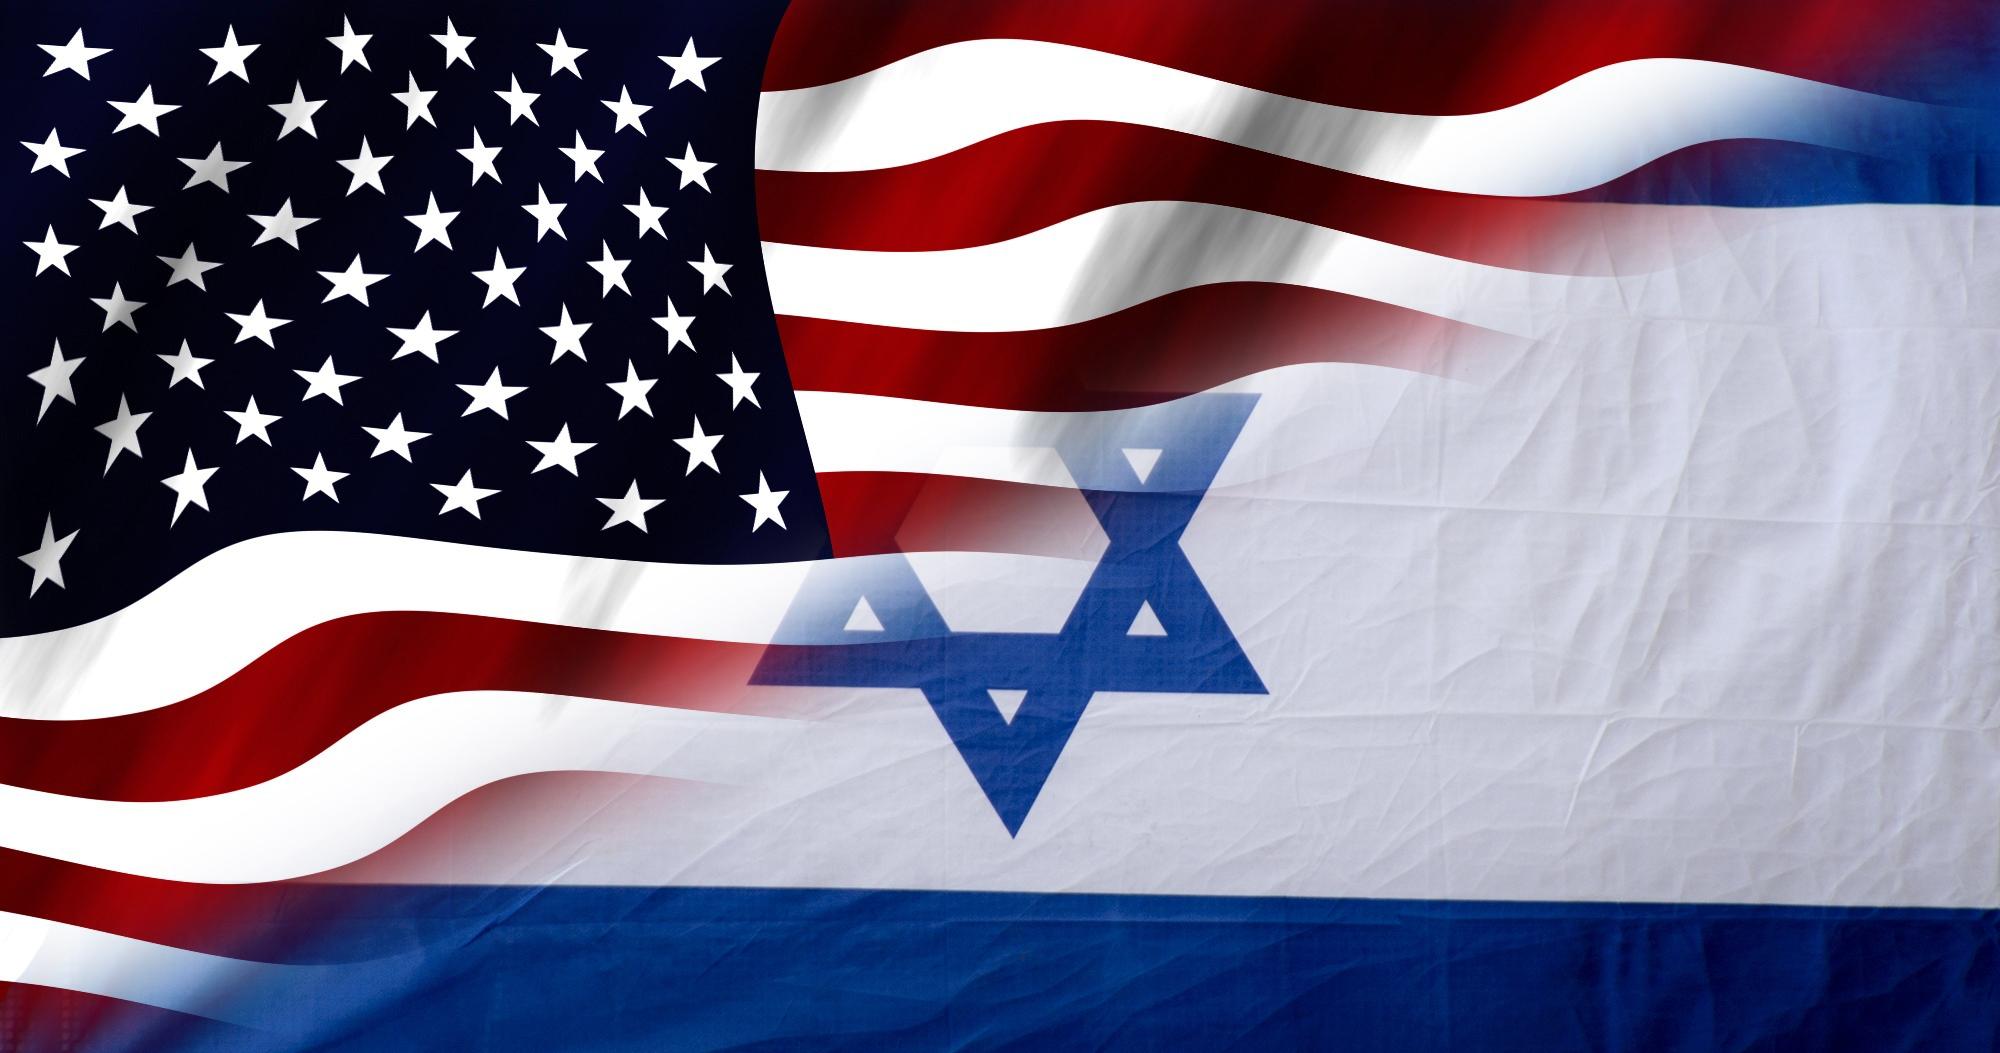 Alianța strategică SUA-Israel, pregătită să oprească ambițiile nucleare iraniene